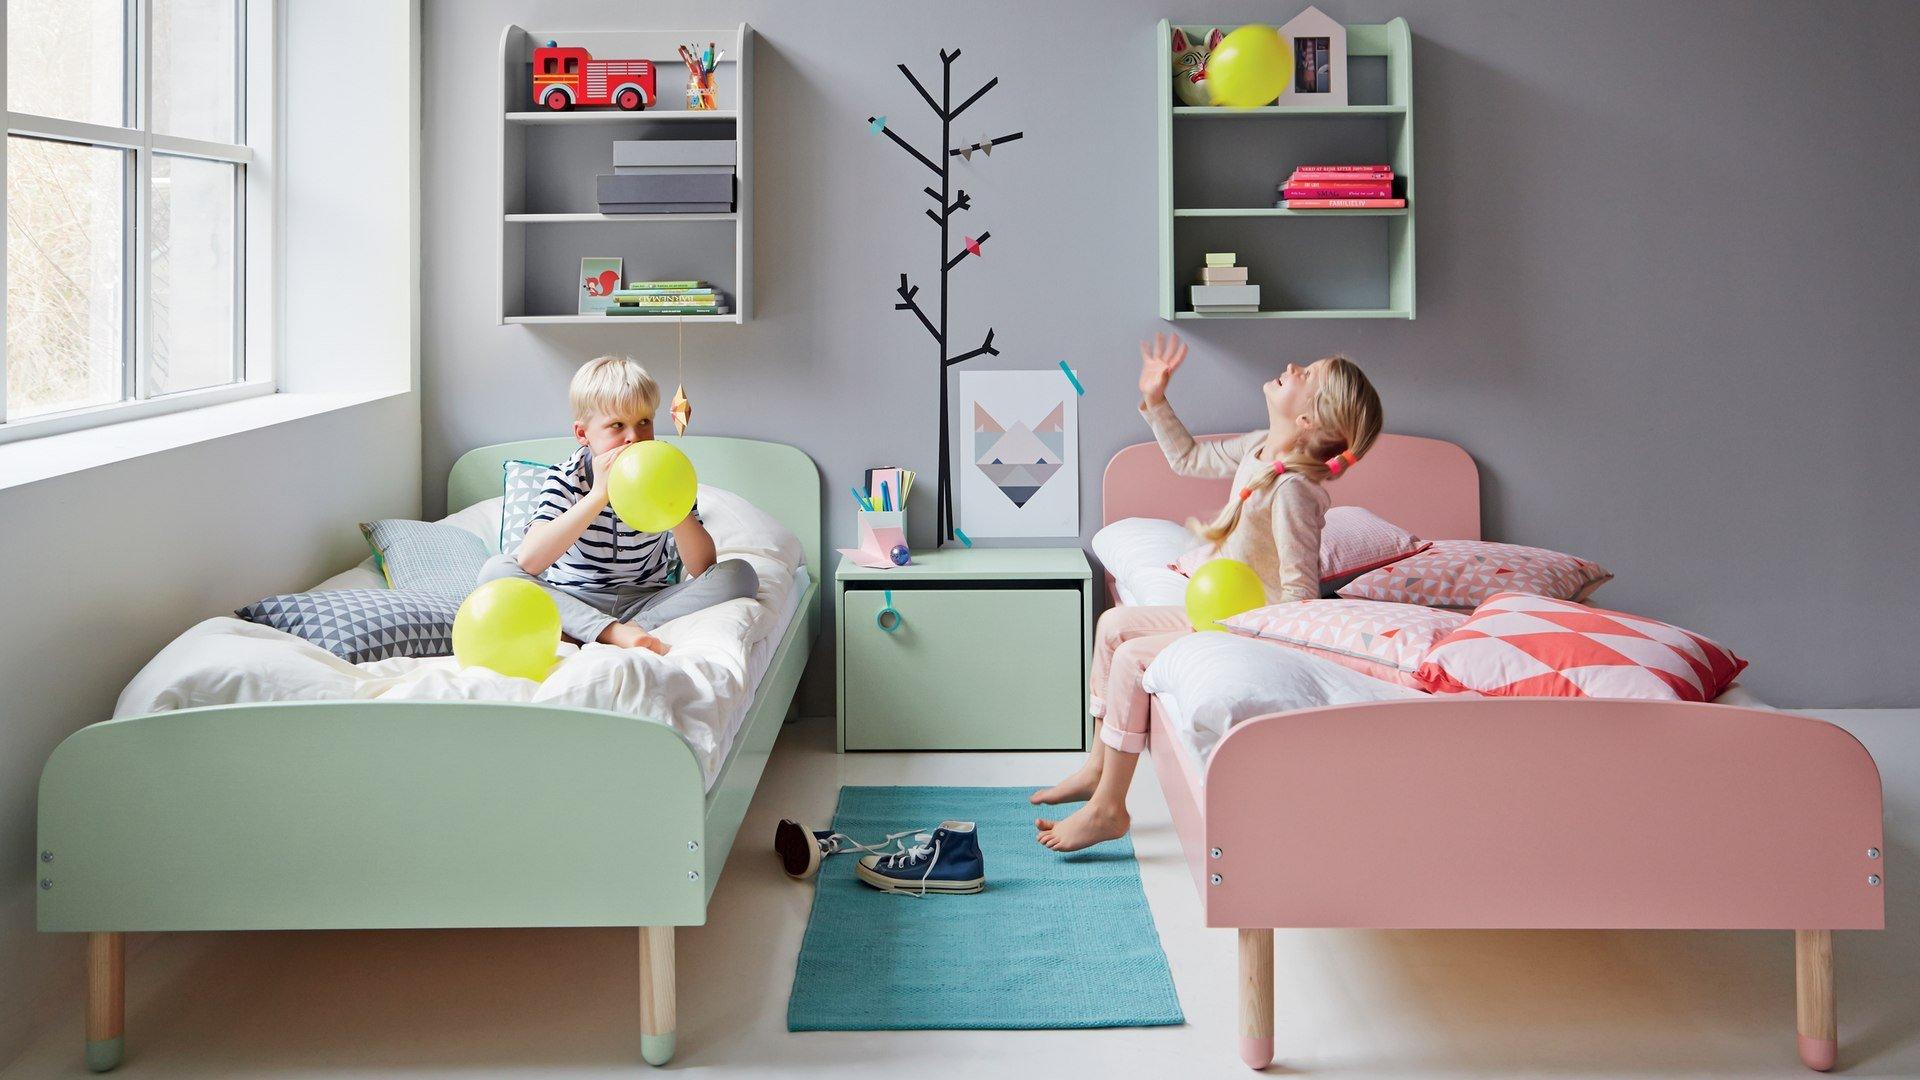 Full Size of Kinderzimmer Jungen Ideen Junge 7 Jahre 5 Ikea Komplett 3 Einrichten Dekorieren Dekoration Gestalten 9 Deko Selber Machen Diy 4 Flexa Mbel Play Bunt Online Kinderzimmer Kinderzimmer Jungen